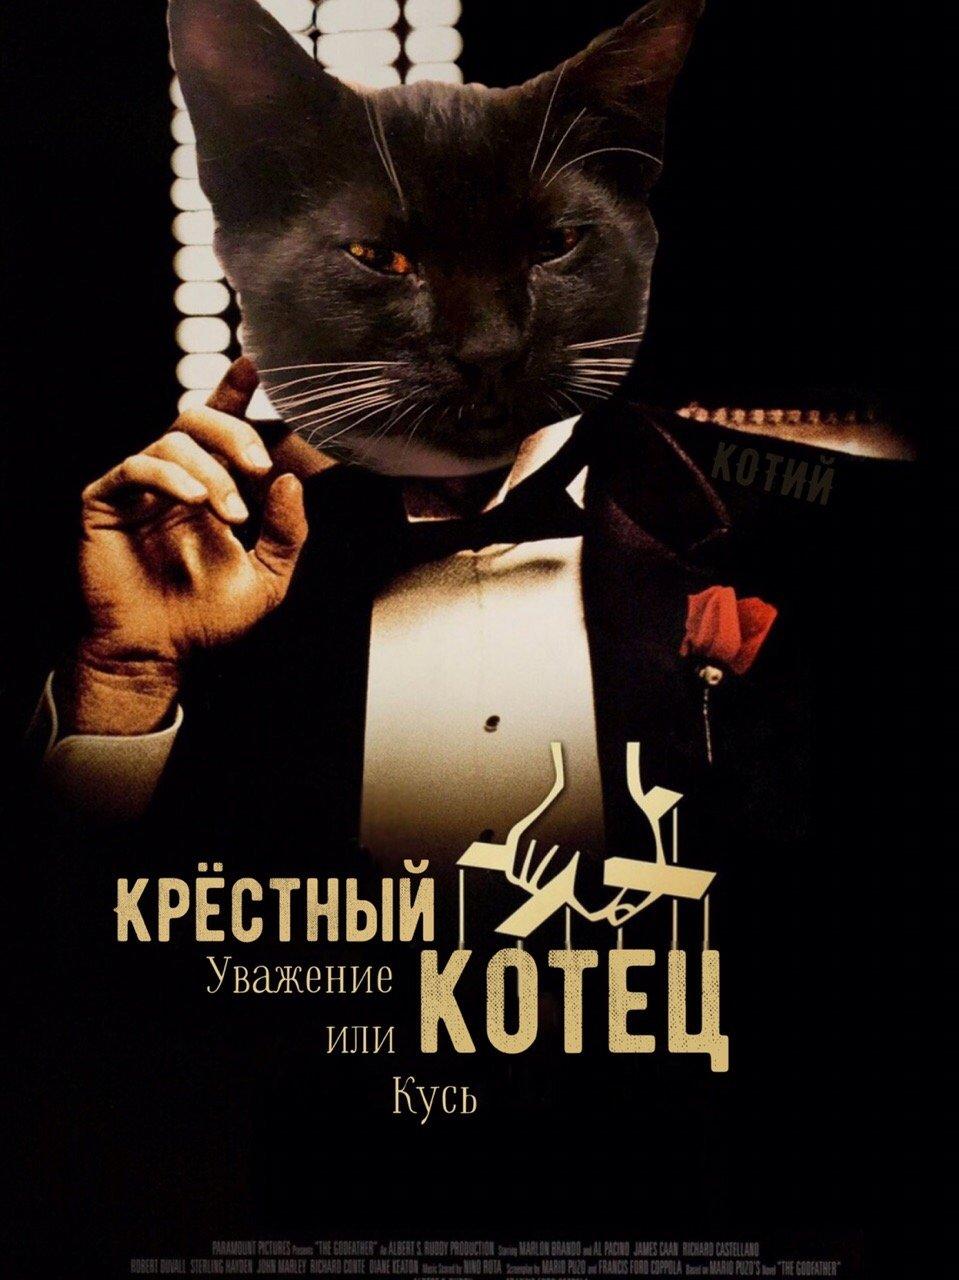 Как выглядели бы фильмы, если бы ключевые роли в них играли котики: 16 постеров